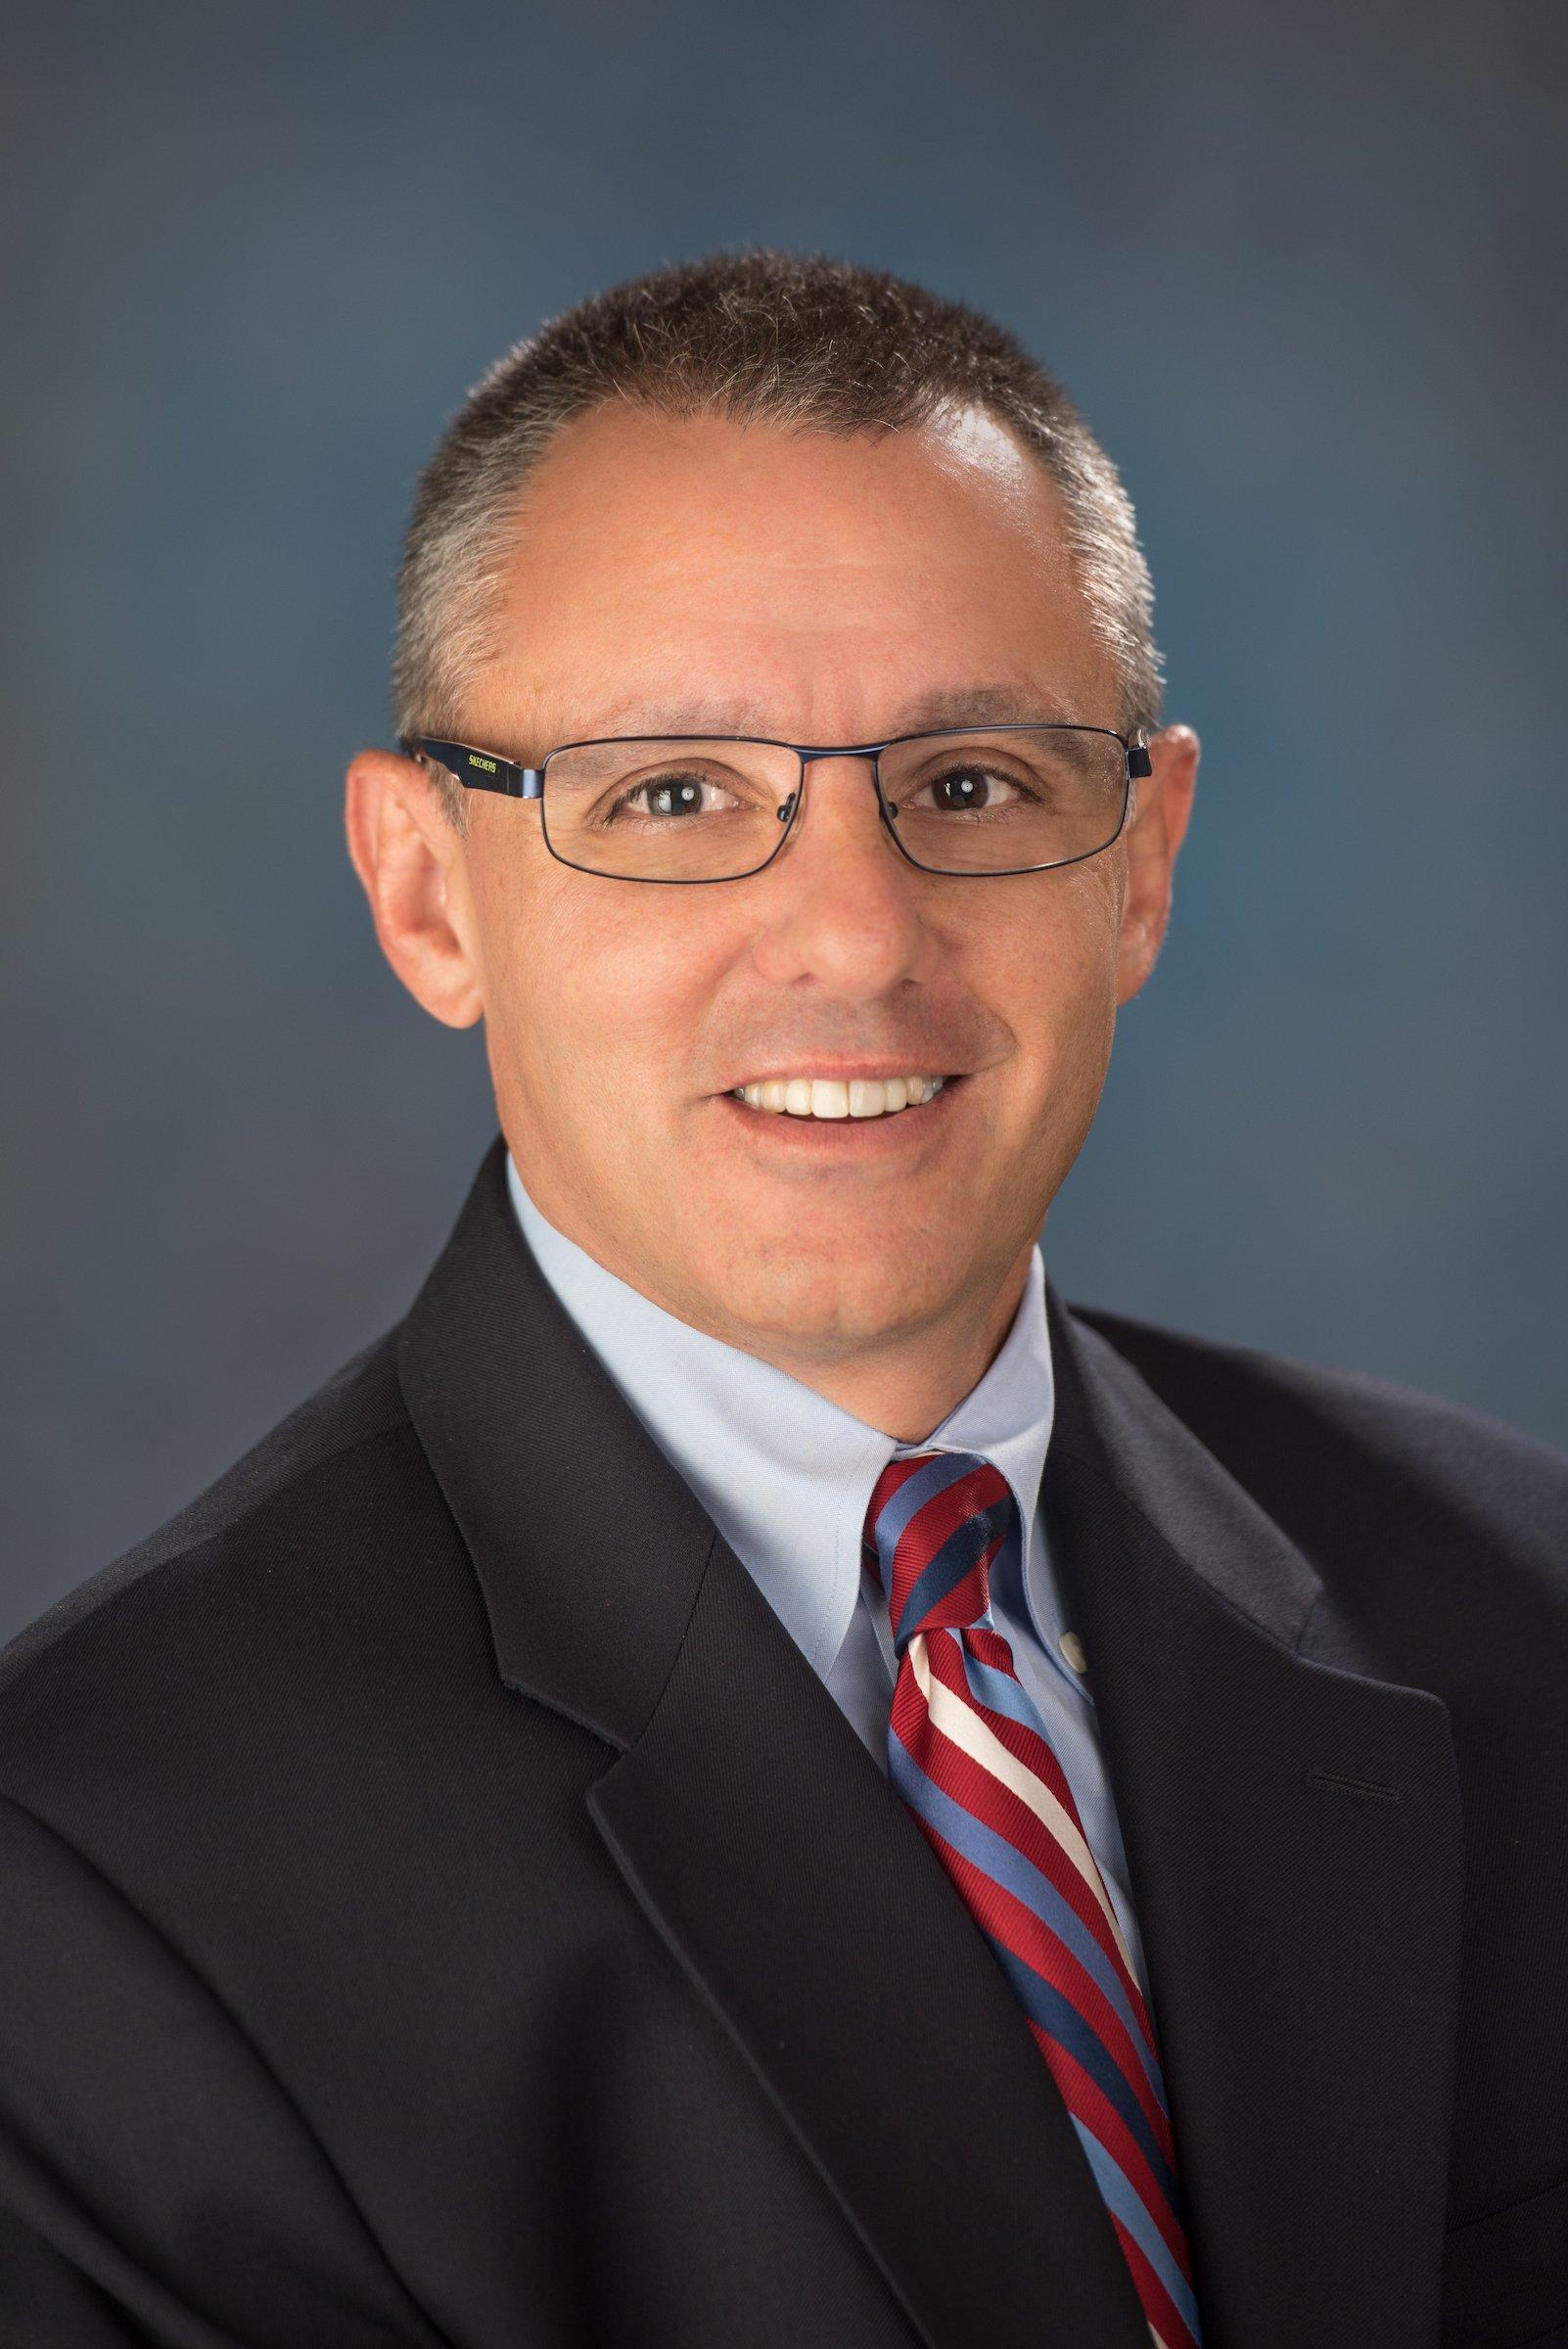 Glenn D. Kassman